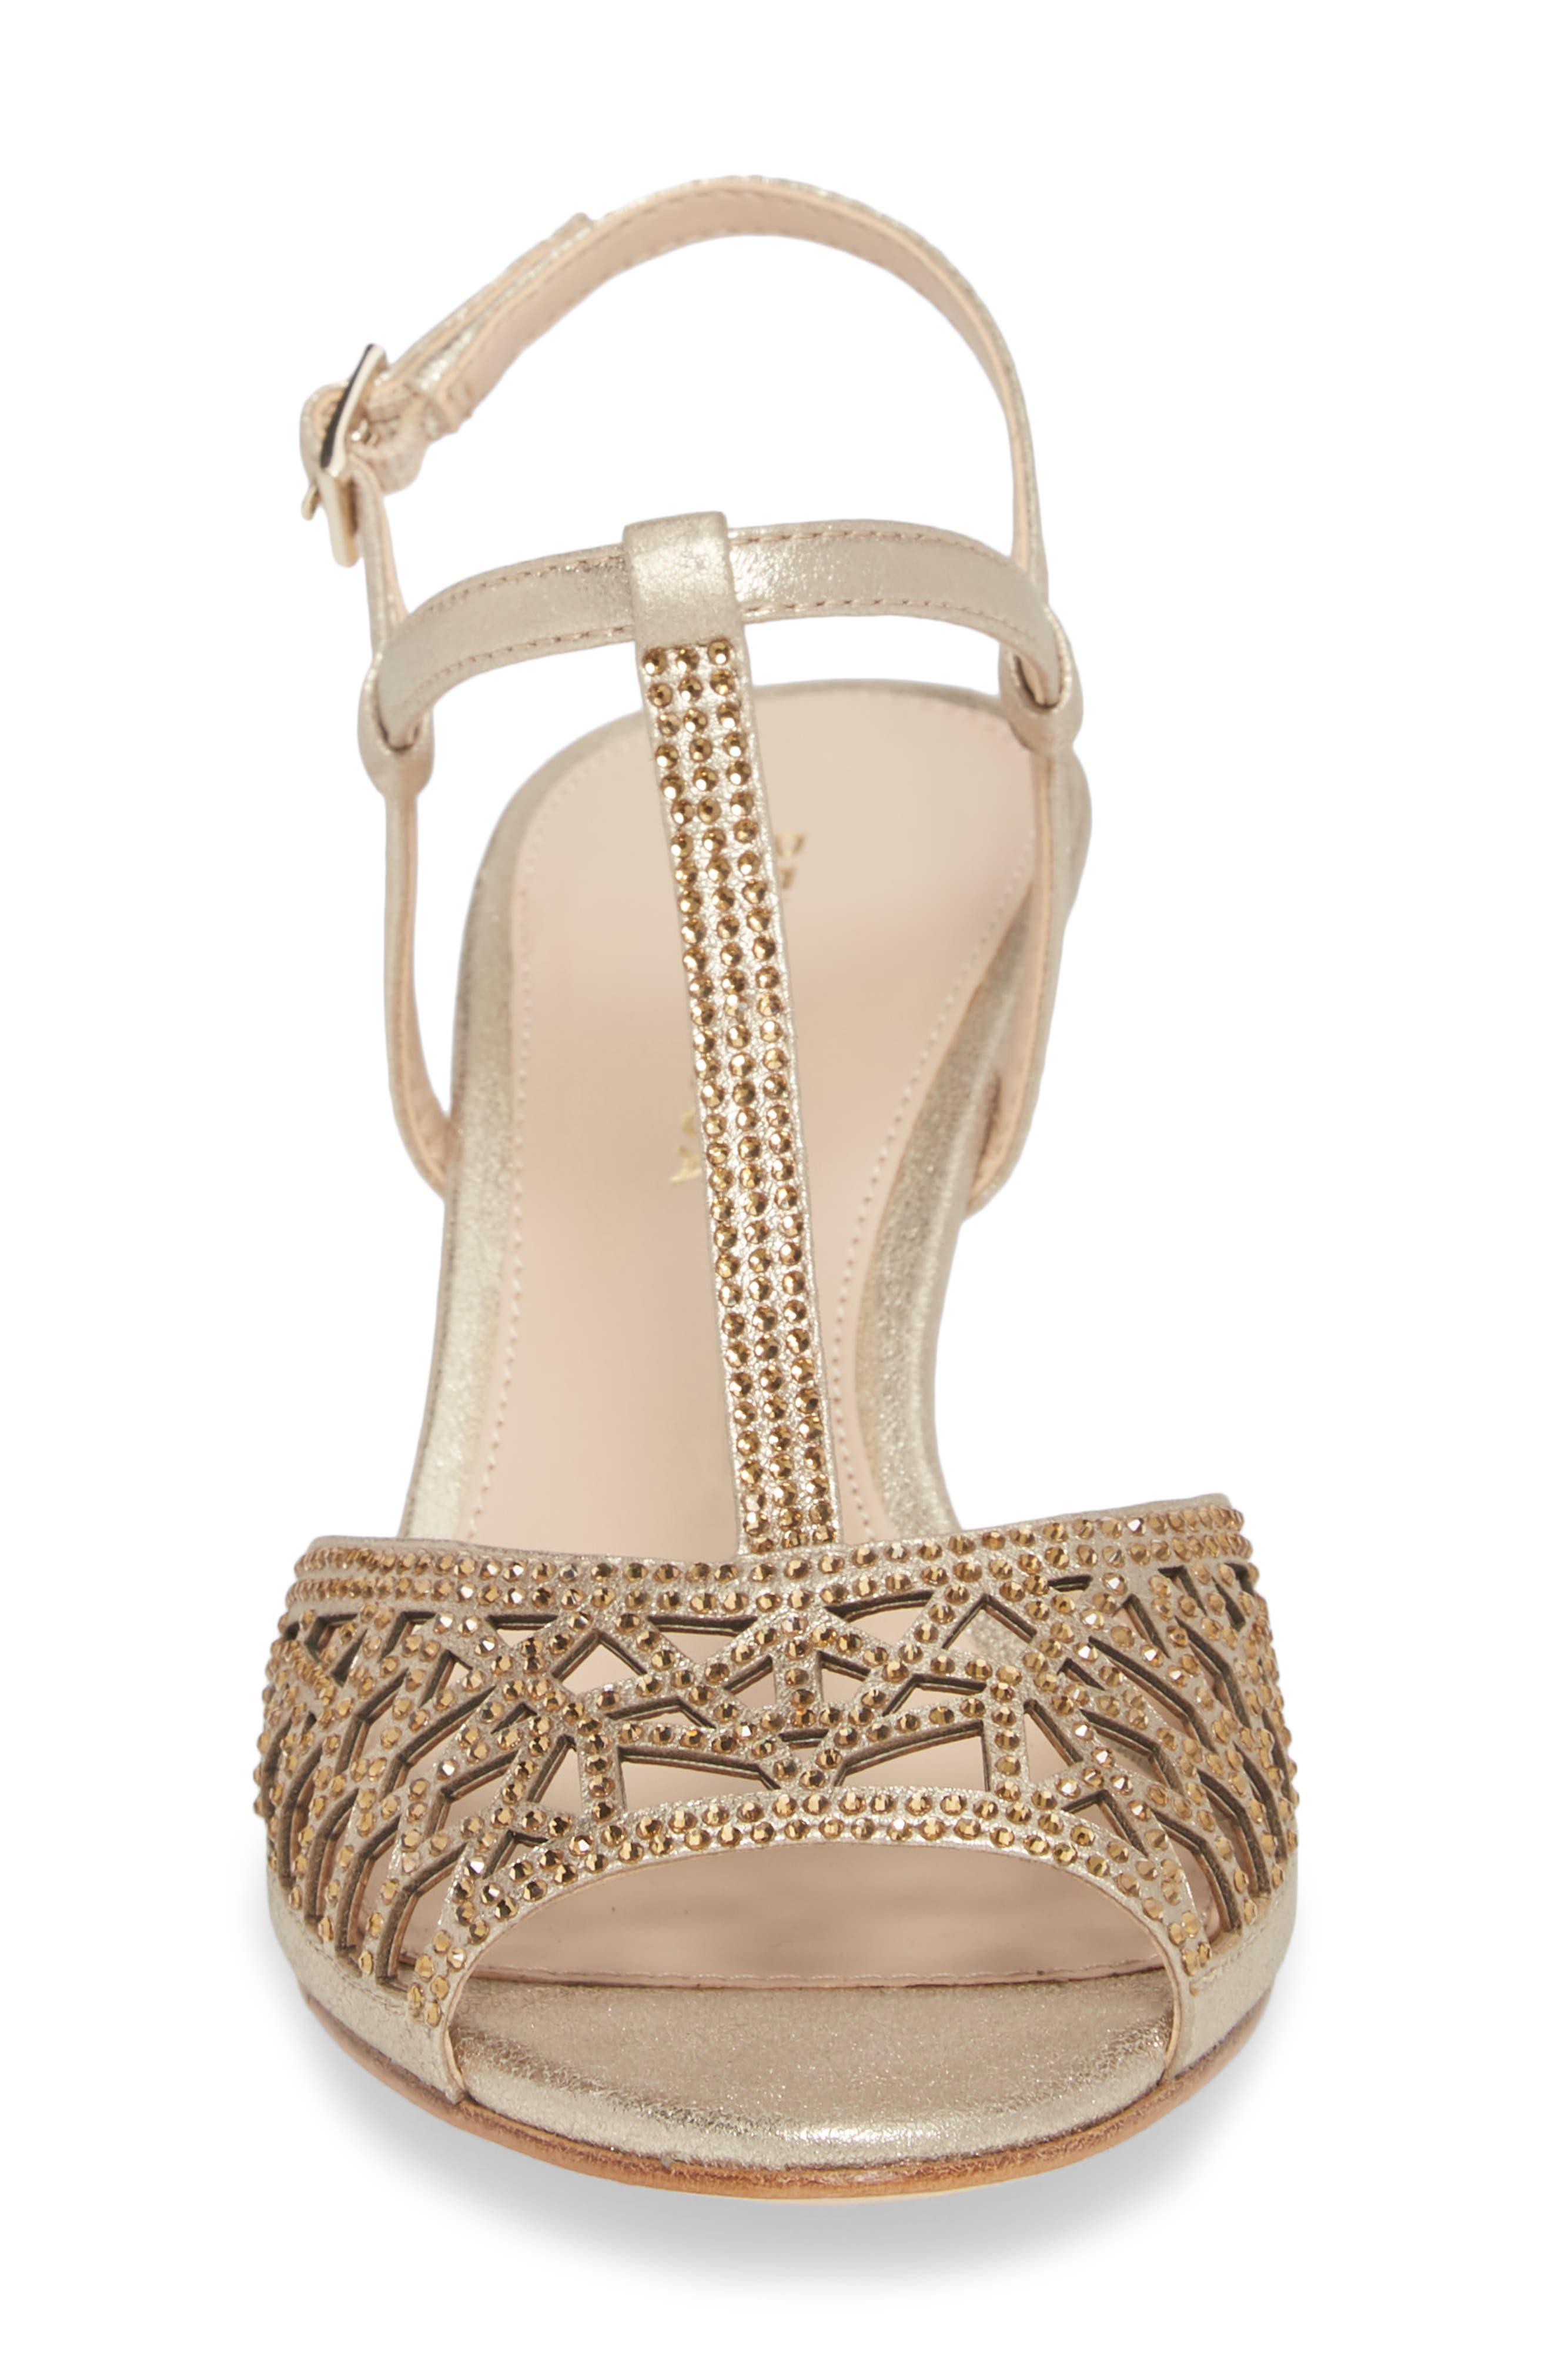 Adaline Embellished Sandal,                             Alternate thumbnail 4, color,                             Platinum Gold Metallic Suede